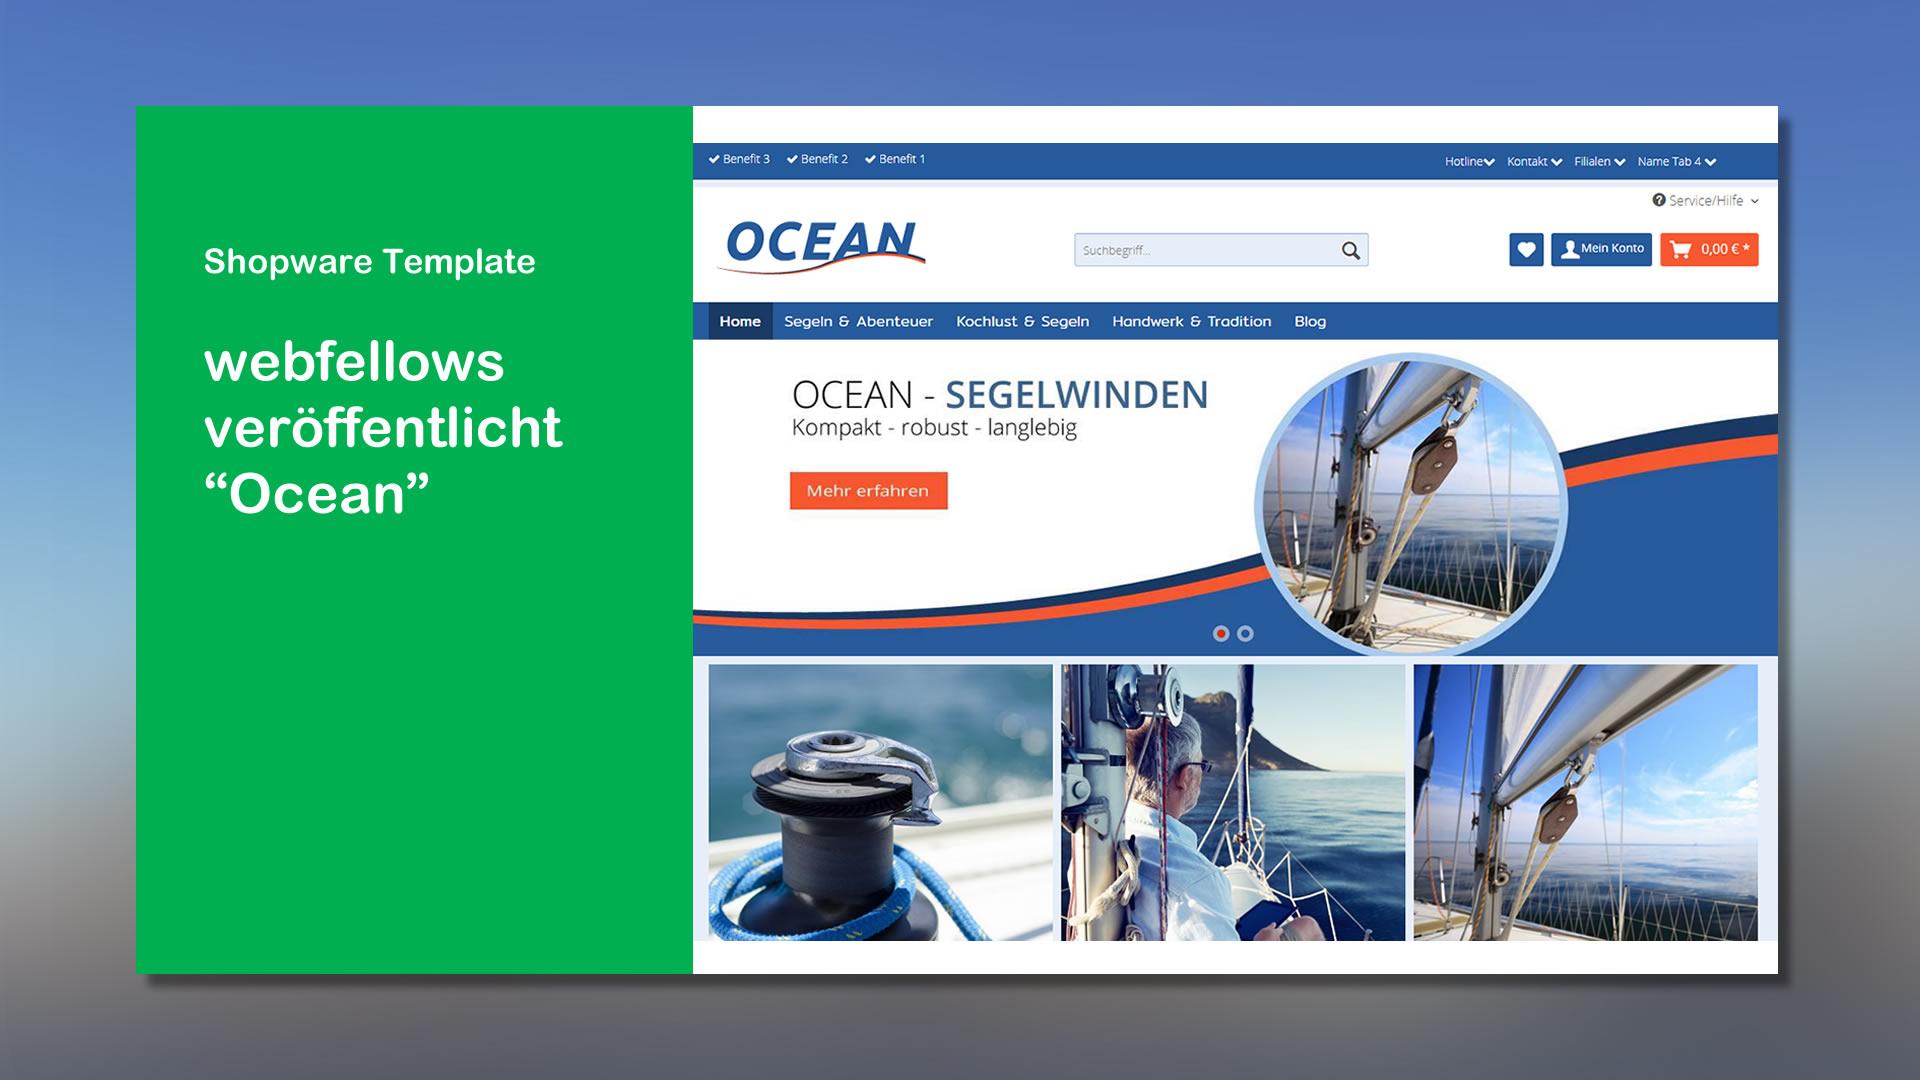 webfellows Shopware Template Ocean